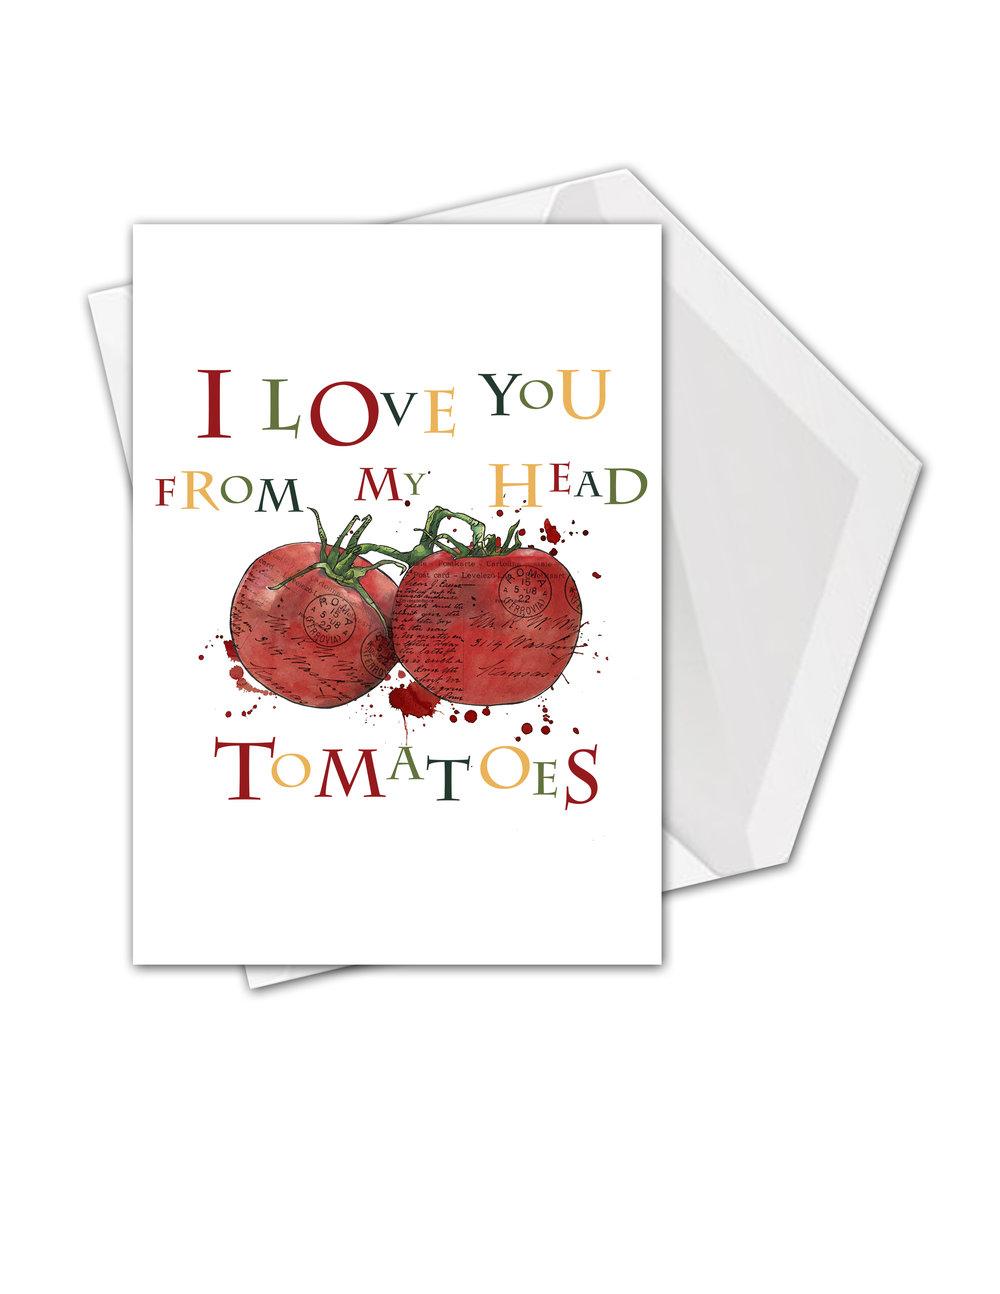 CA Pun love you head tomatoes card mock.jpg